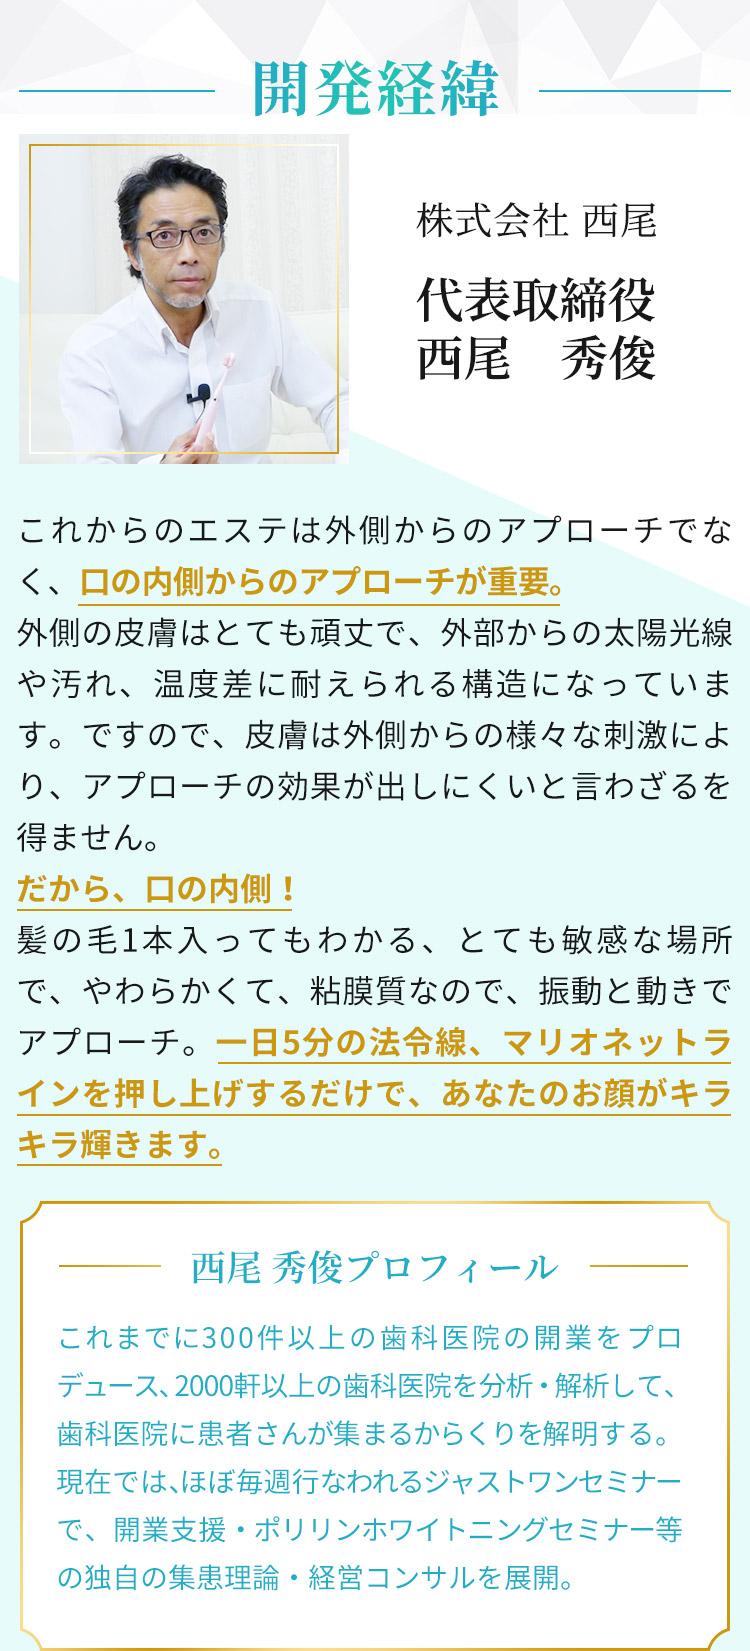 開発経緯 株式会社 西尾 代表取締役 西尾 秀俊